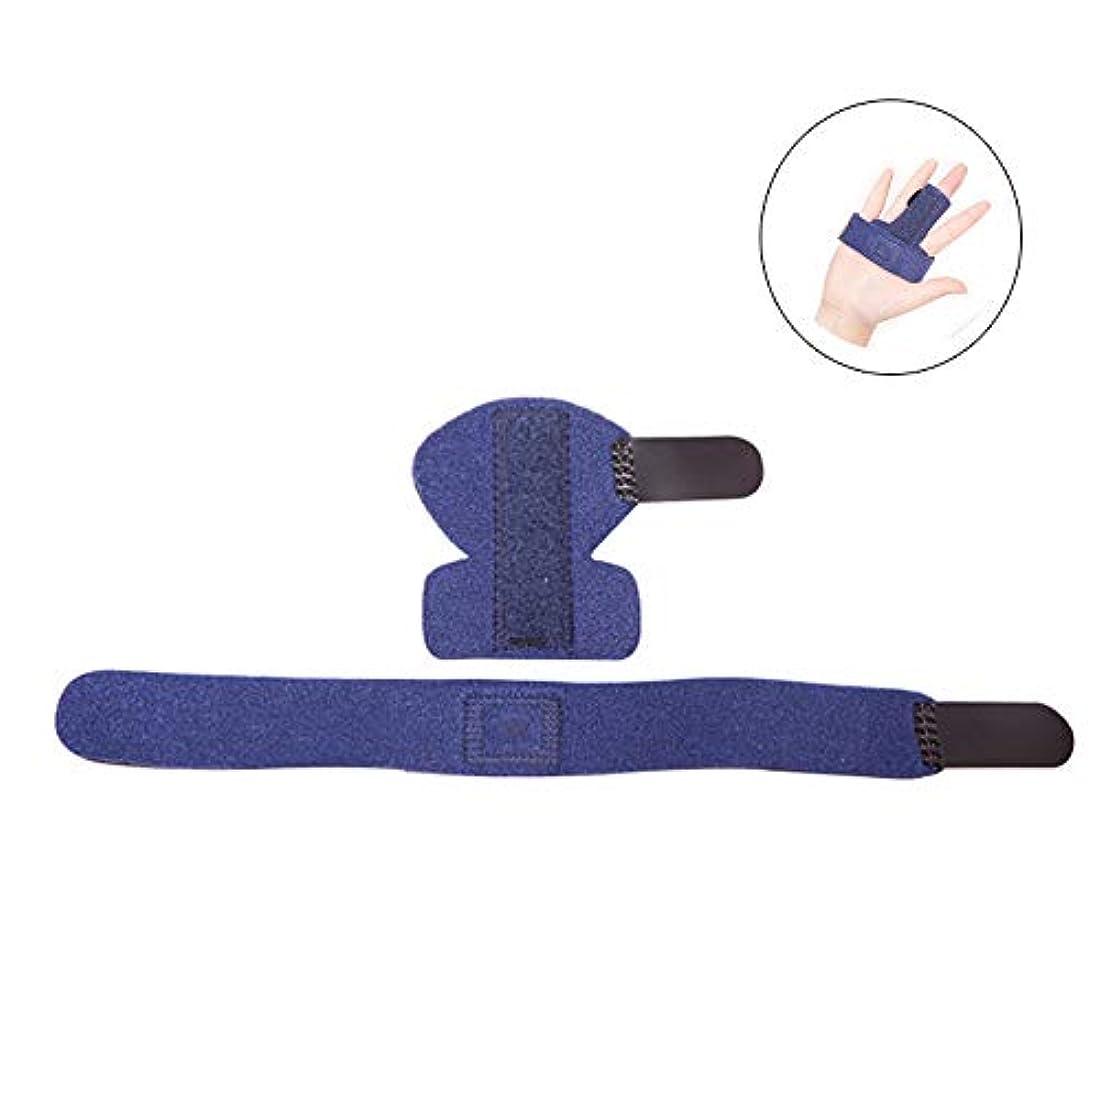 一般的にハミングバード敬礼指の痛みの軽減、指の関節の固定、指の骨折のための指サポート調整可能なプロテクターブレーススプリント